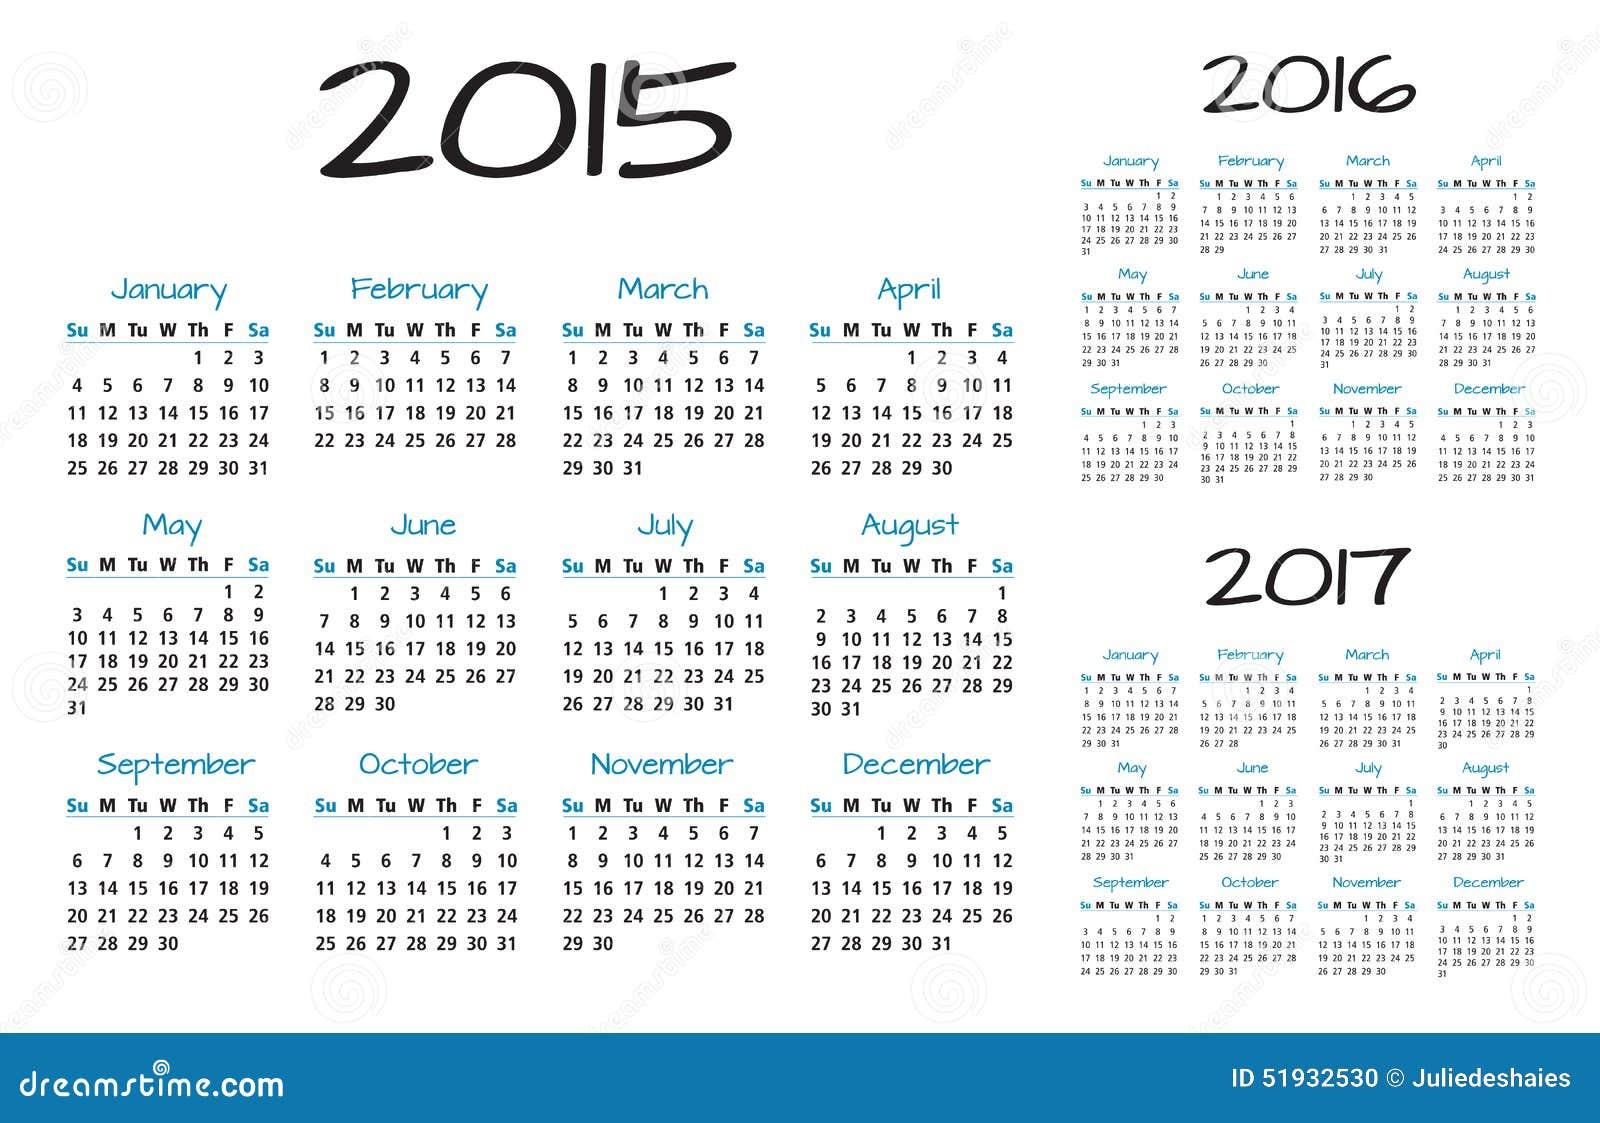 English Calendar 2015-2016-2017 Vector Stock Vector - Image: 51932530